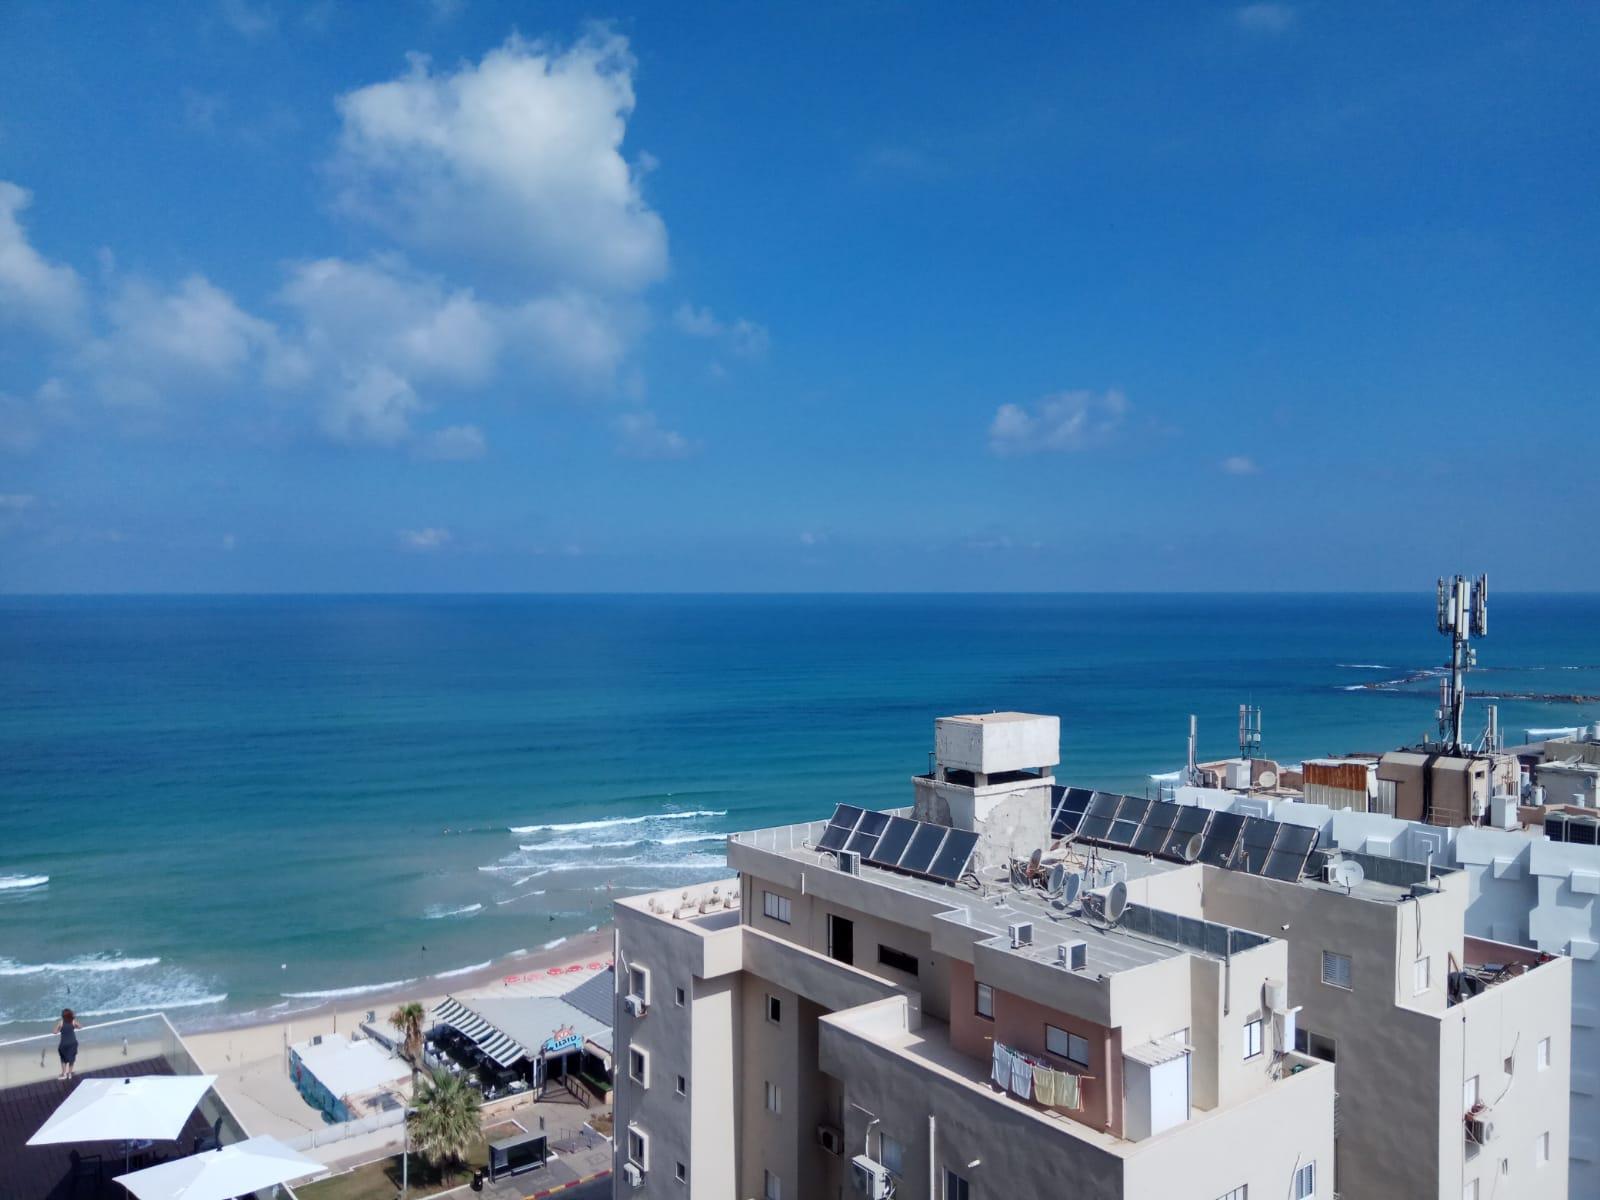 מלון לאונרדו להשכרה לתקופה קצרה  2 חדרים !price$ ללילה, בת ים